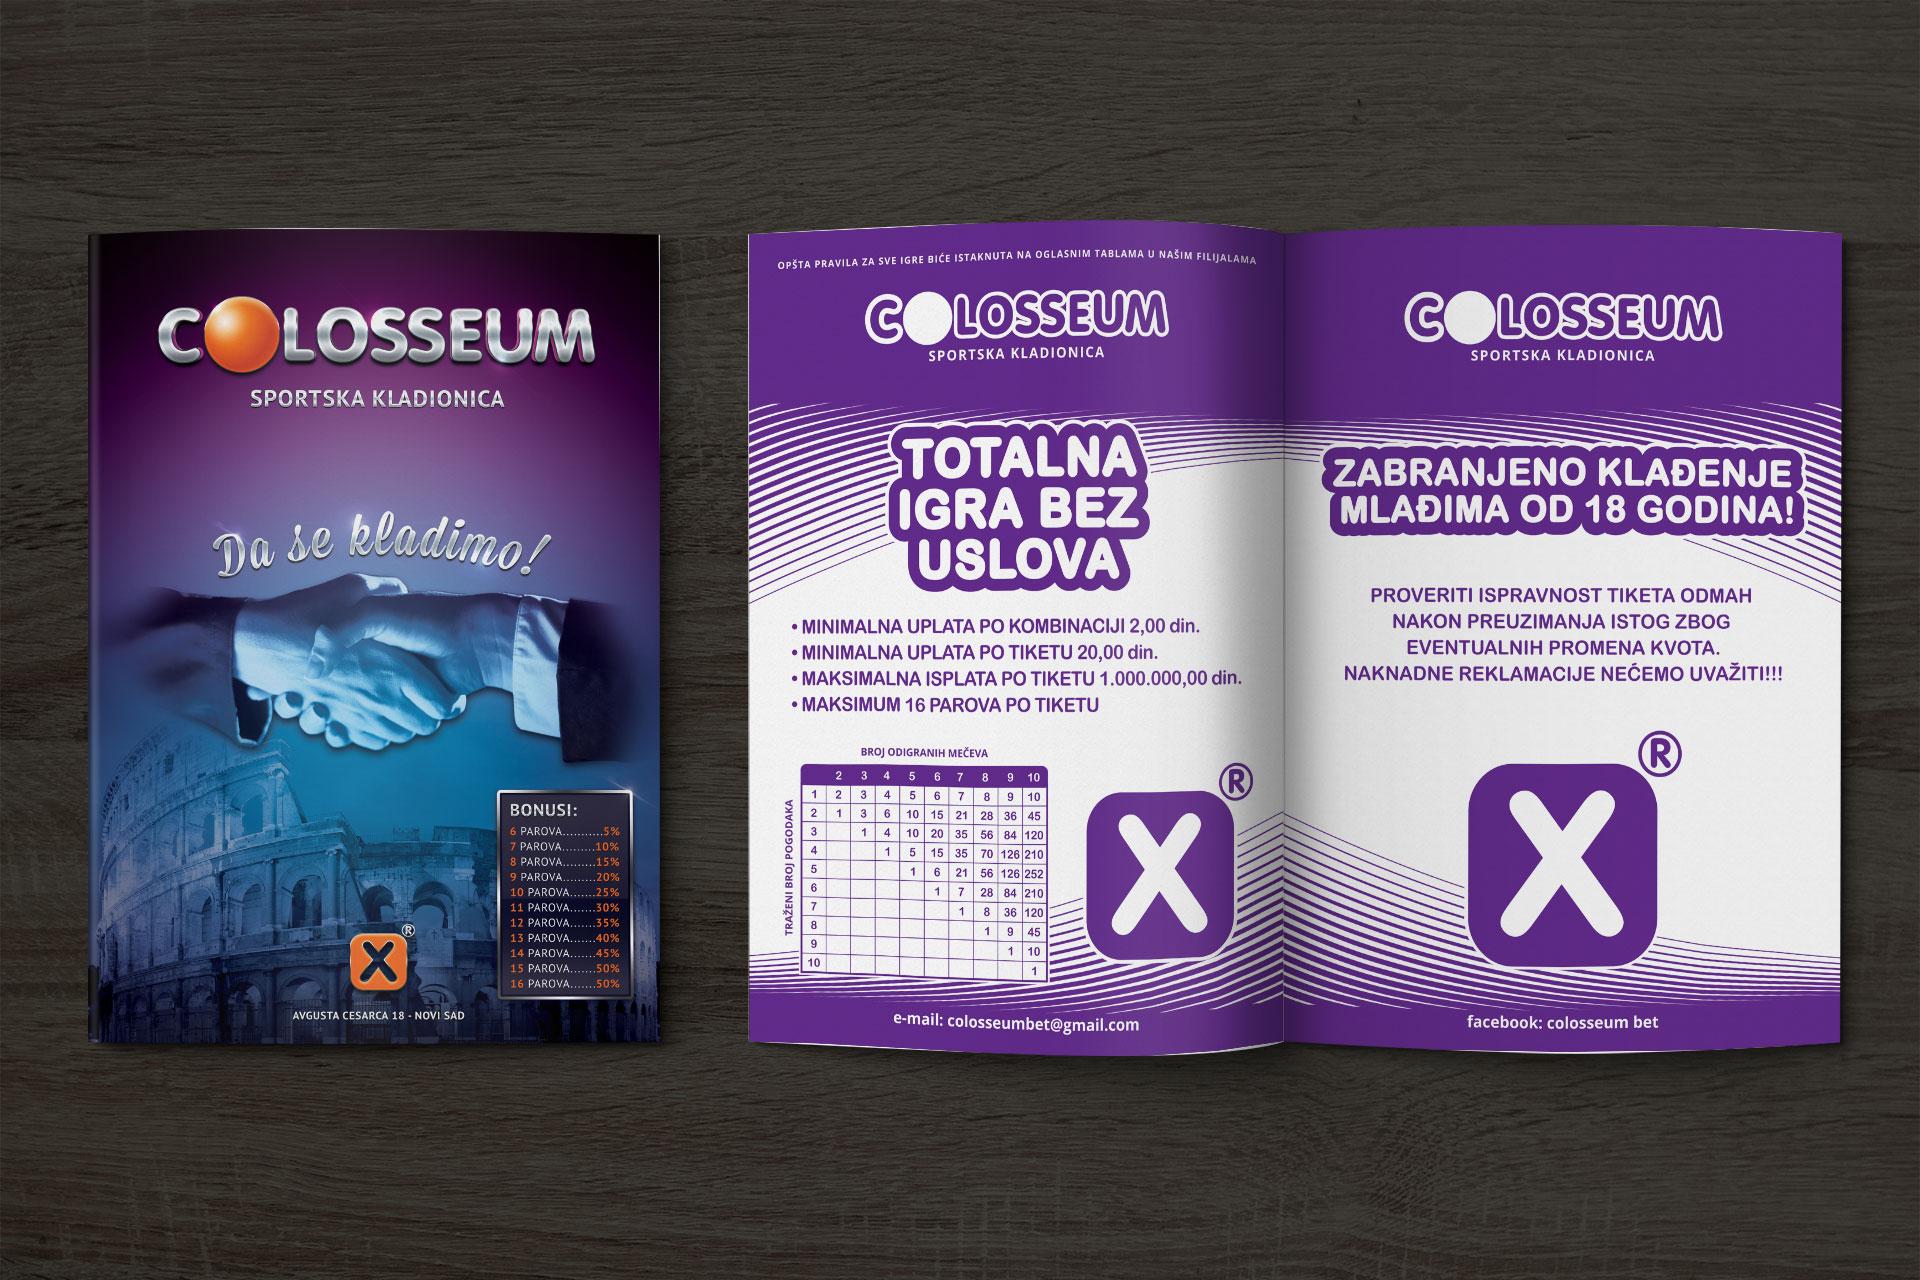 Dizajn liste za sportsku kladionicu Colosseum